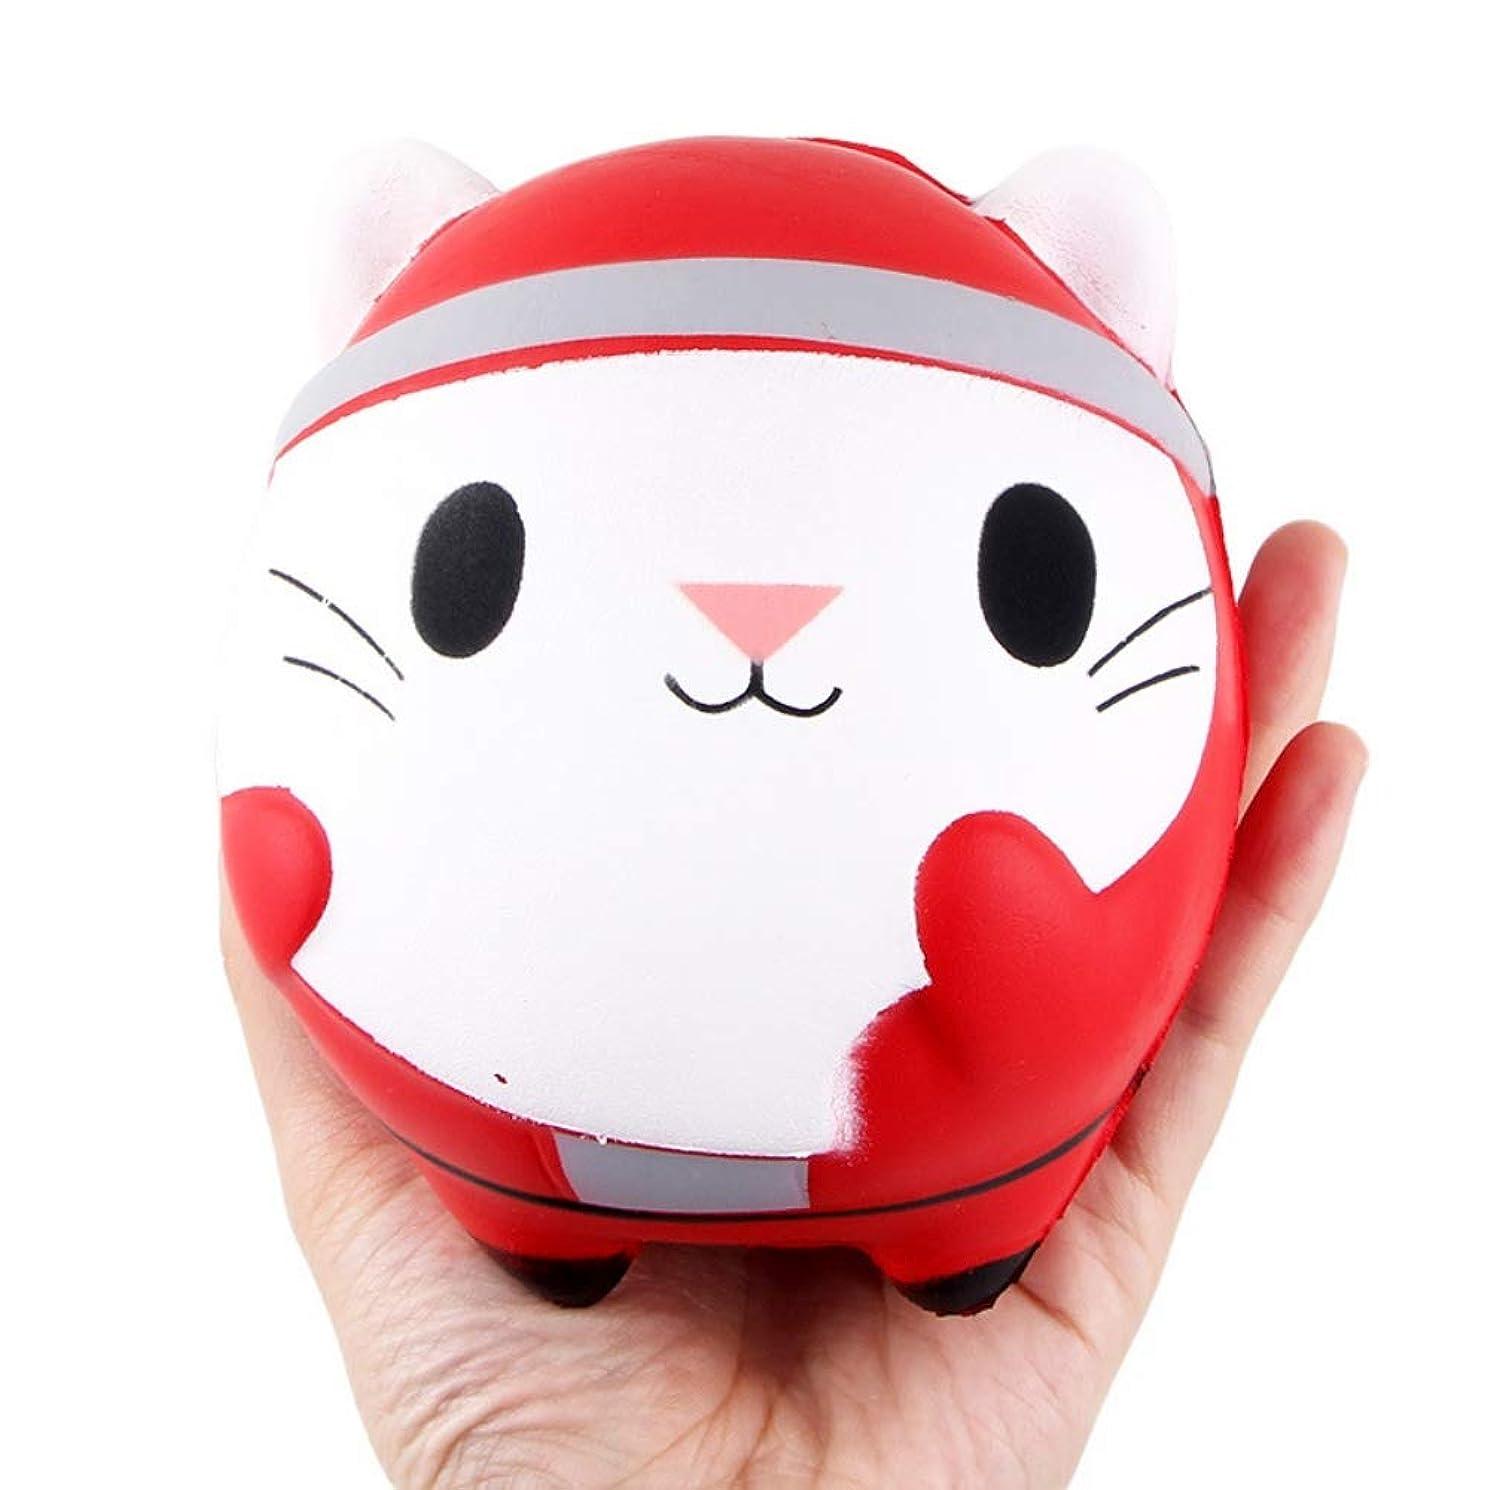 警告する適度に肺Ochine かわいい 猫 減圧スクイズ おもちゃ 子供 装飾 小道具 ストレスリリーフ 面白い 遅い回弾 クリスマス プレゼント 減圧おもちゃ クリスマス